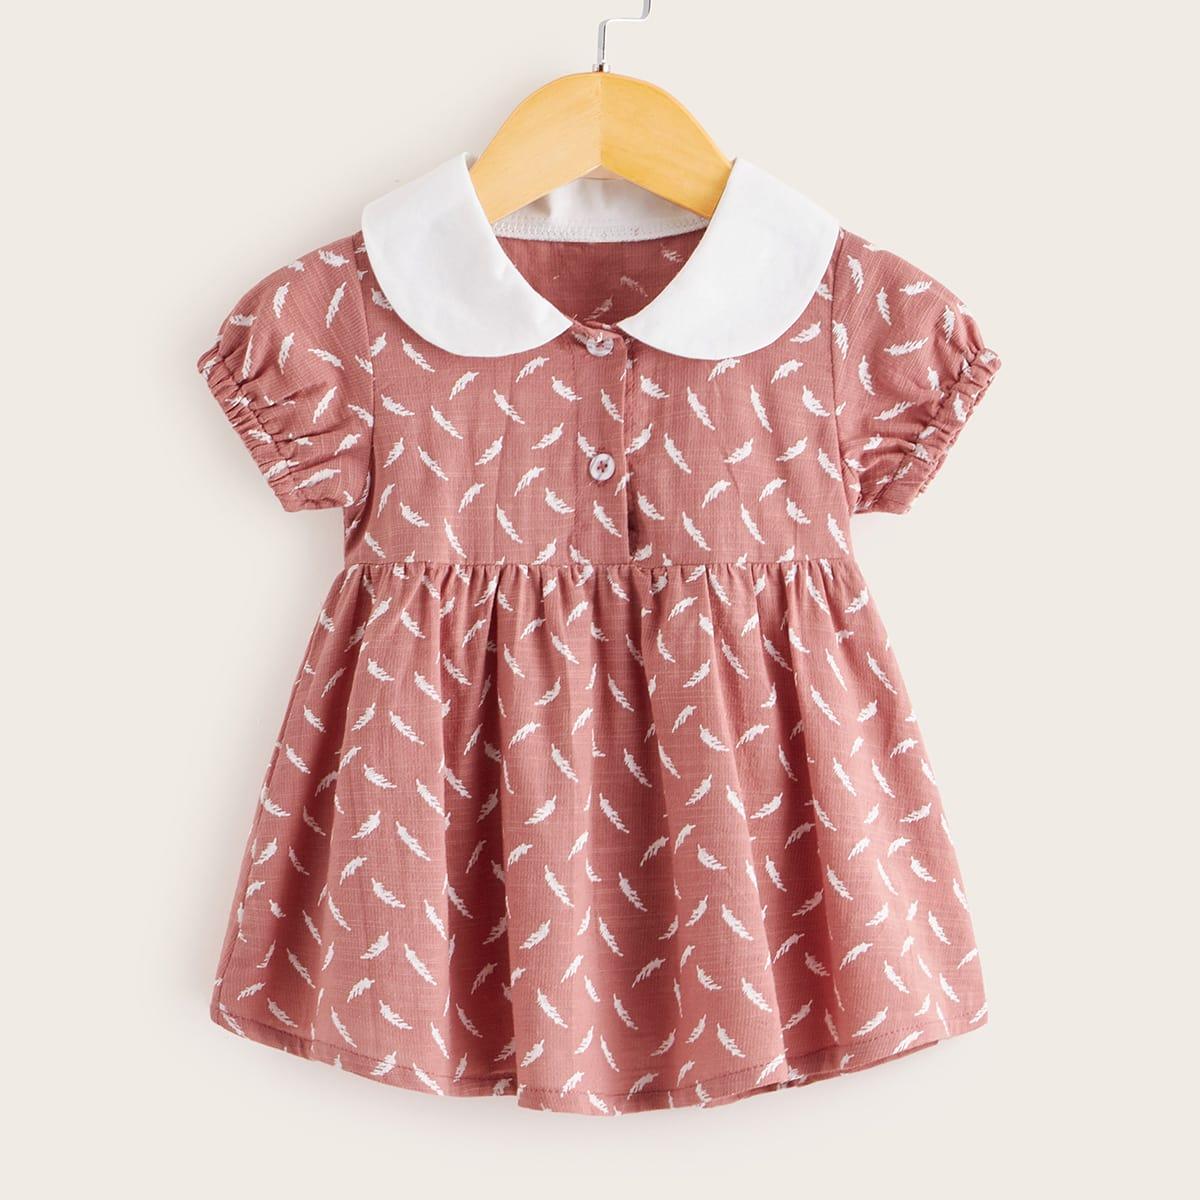 Платье с воротником питером пэном и принтом меха для девочек от SHEIN